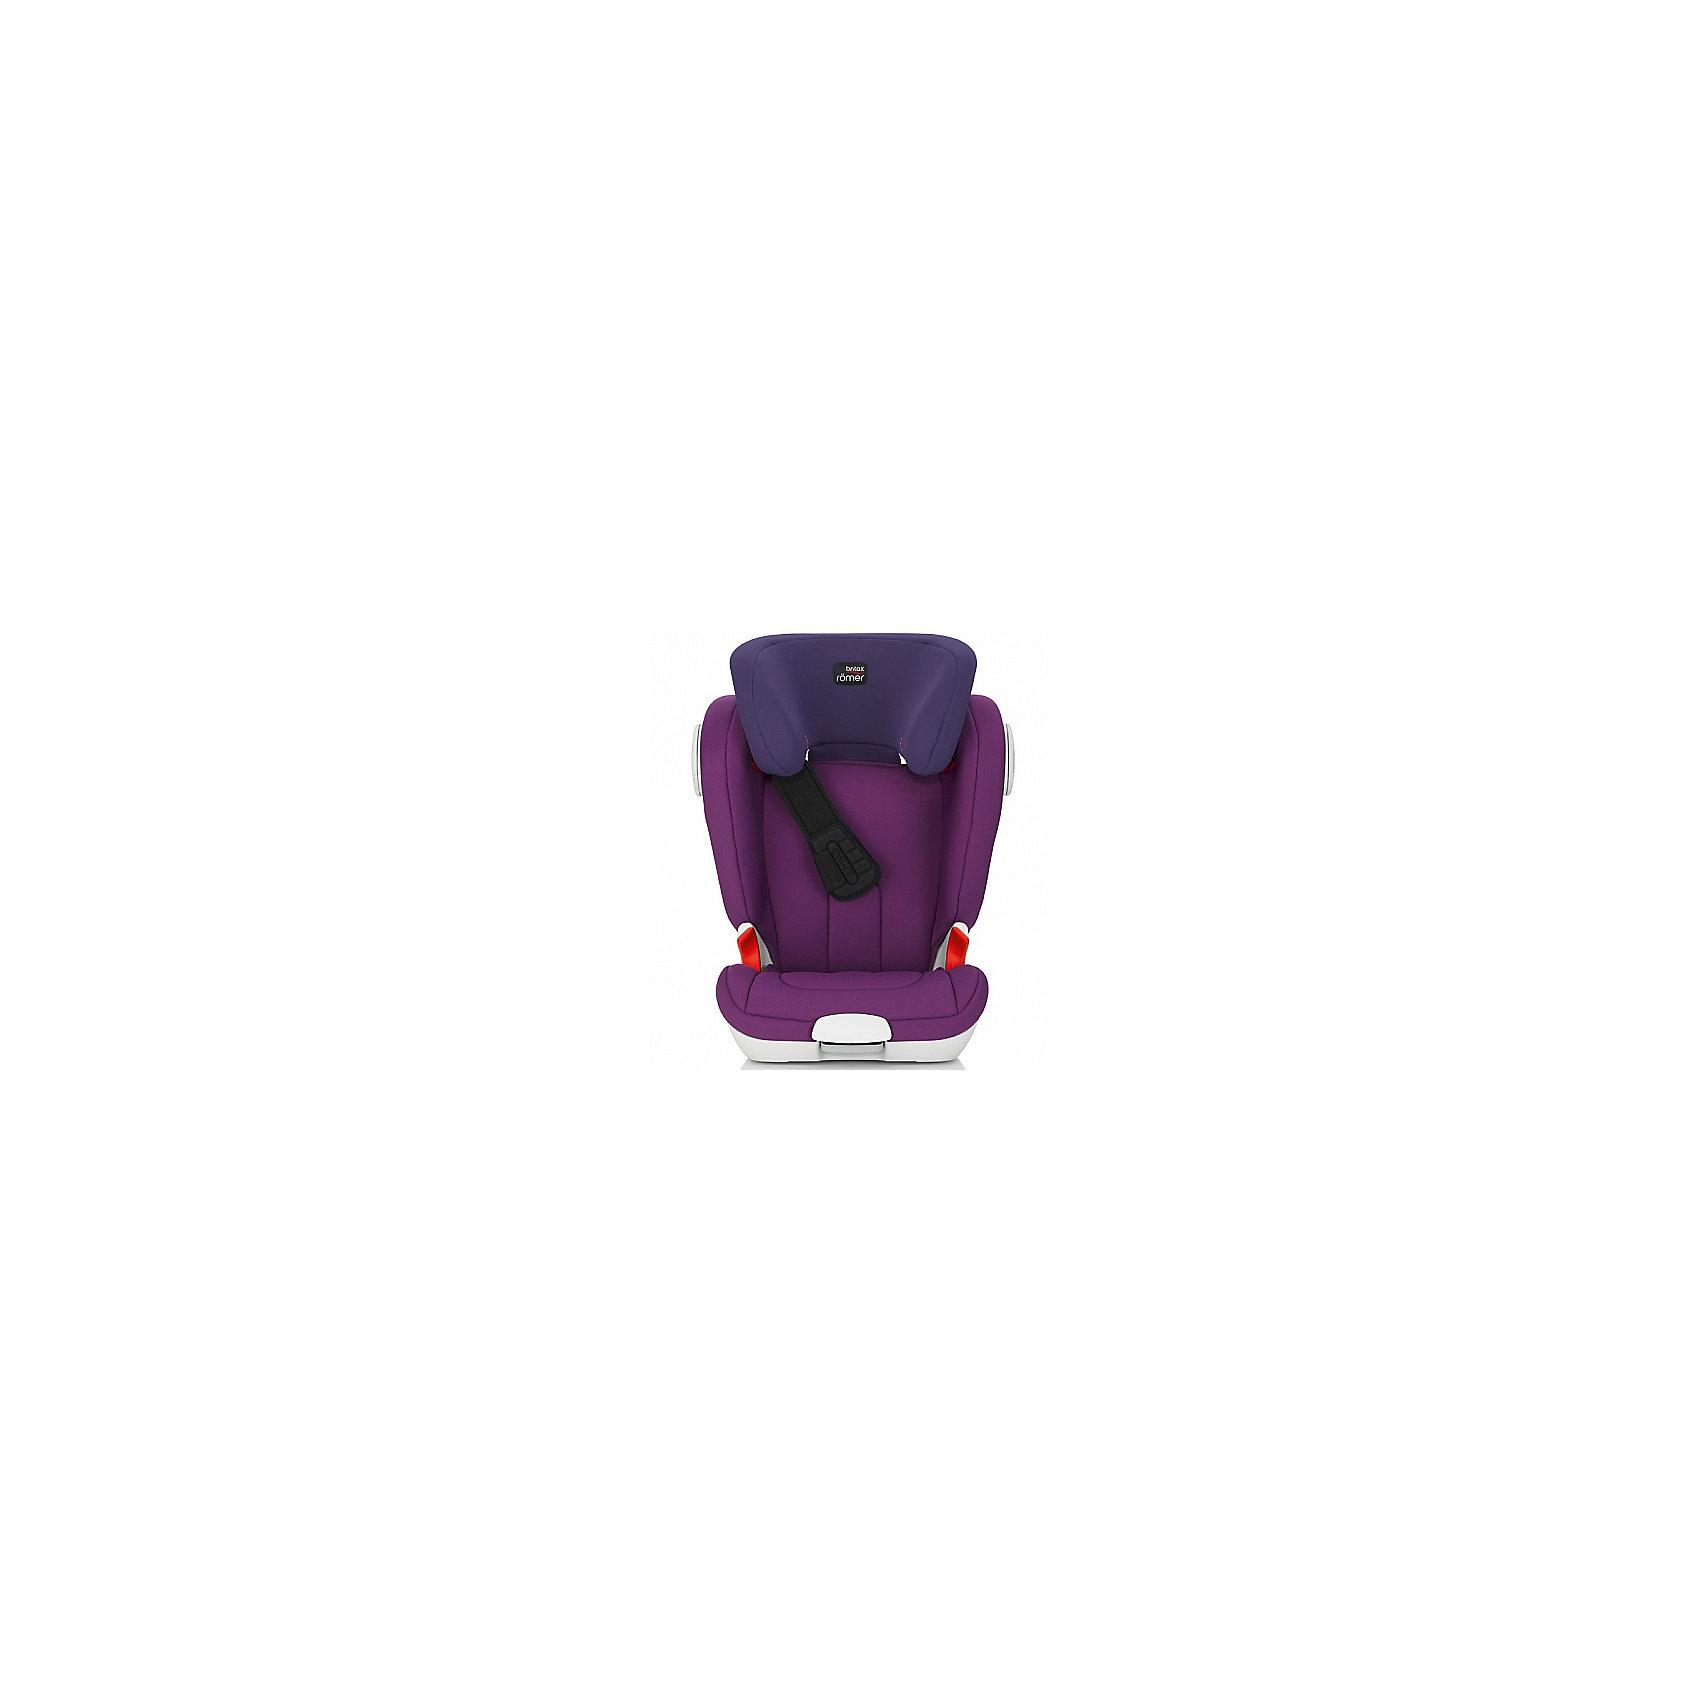 Britax Römer Автокресло KIDFIX XP-SICT 15-36 кг., Britax Römer, Mineral Purple britax römer автокресло kidfix xp sict 15 36 кг britax römer black thunder trendline